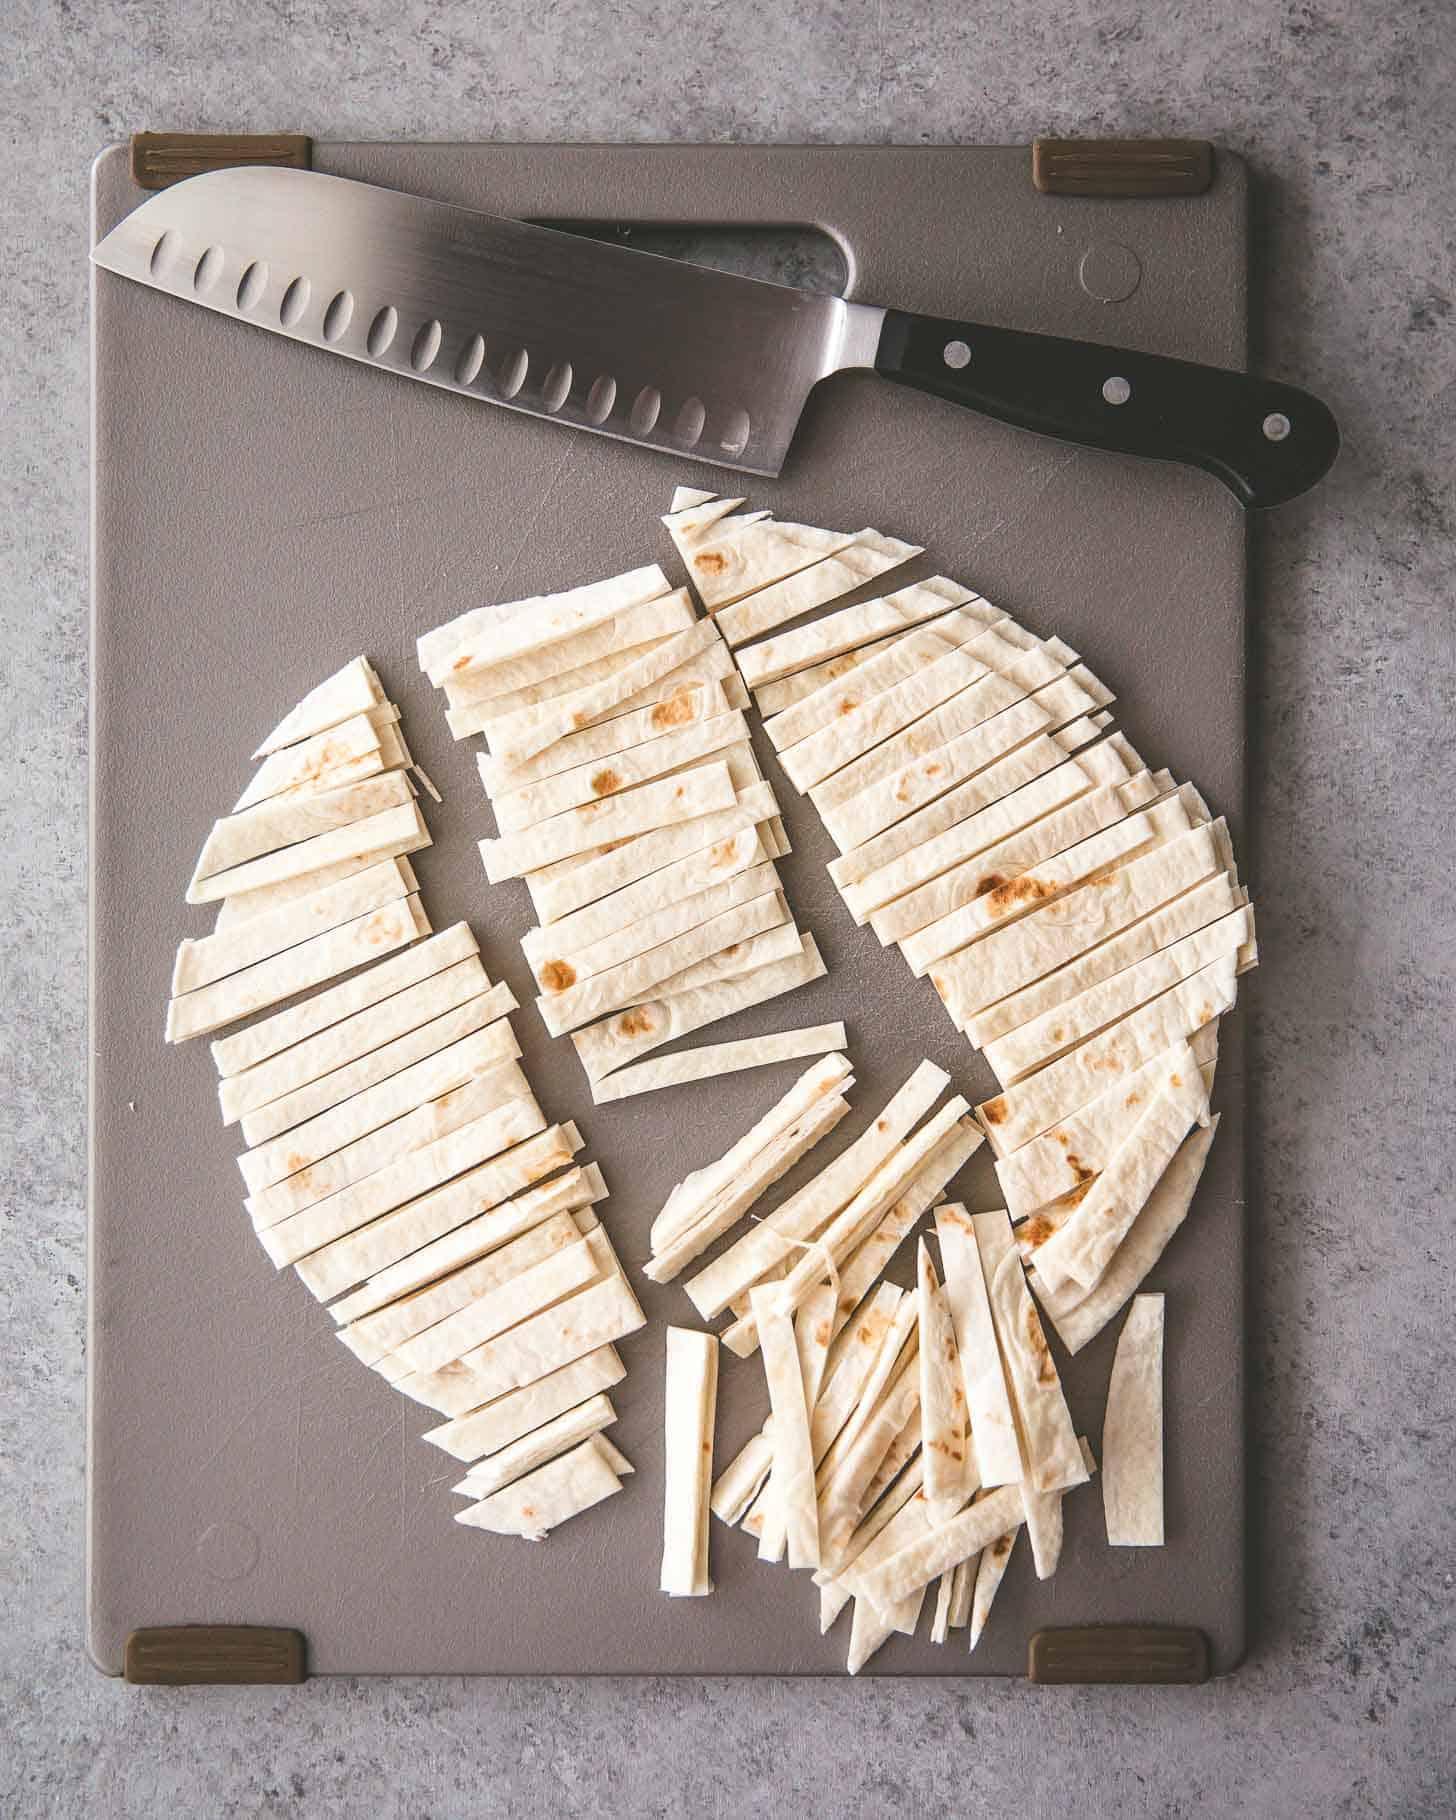 cutting tortillas into strips on a grey cutting board